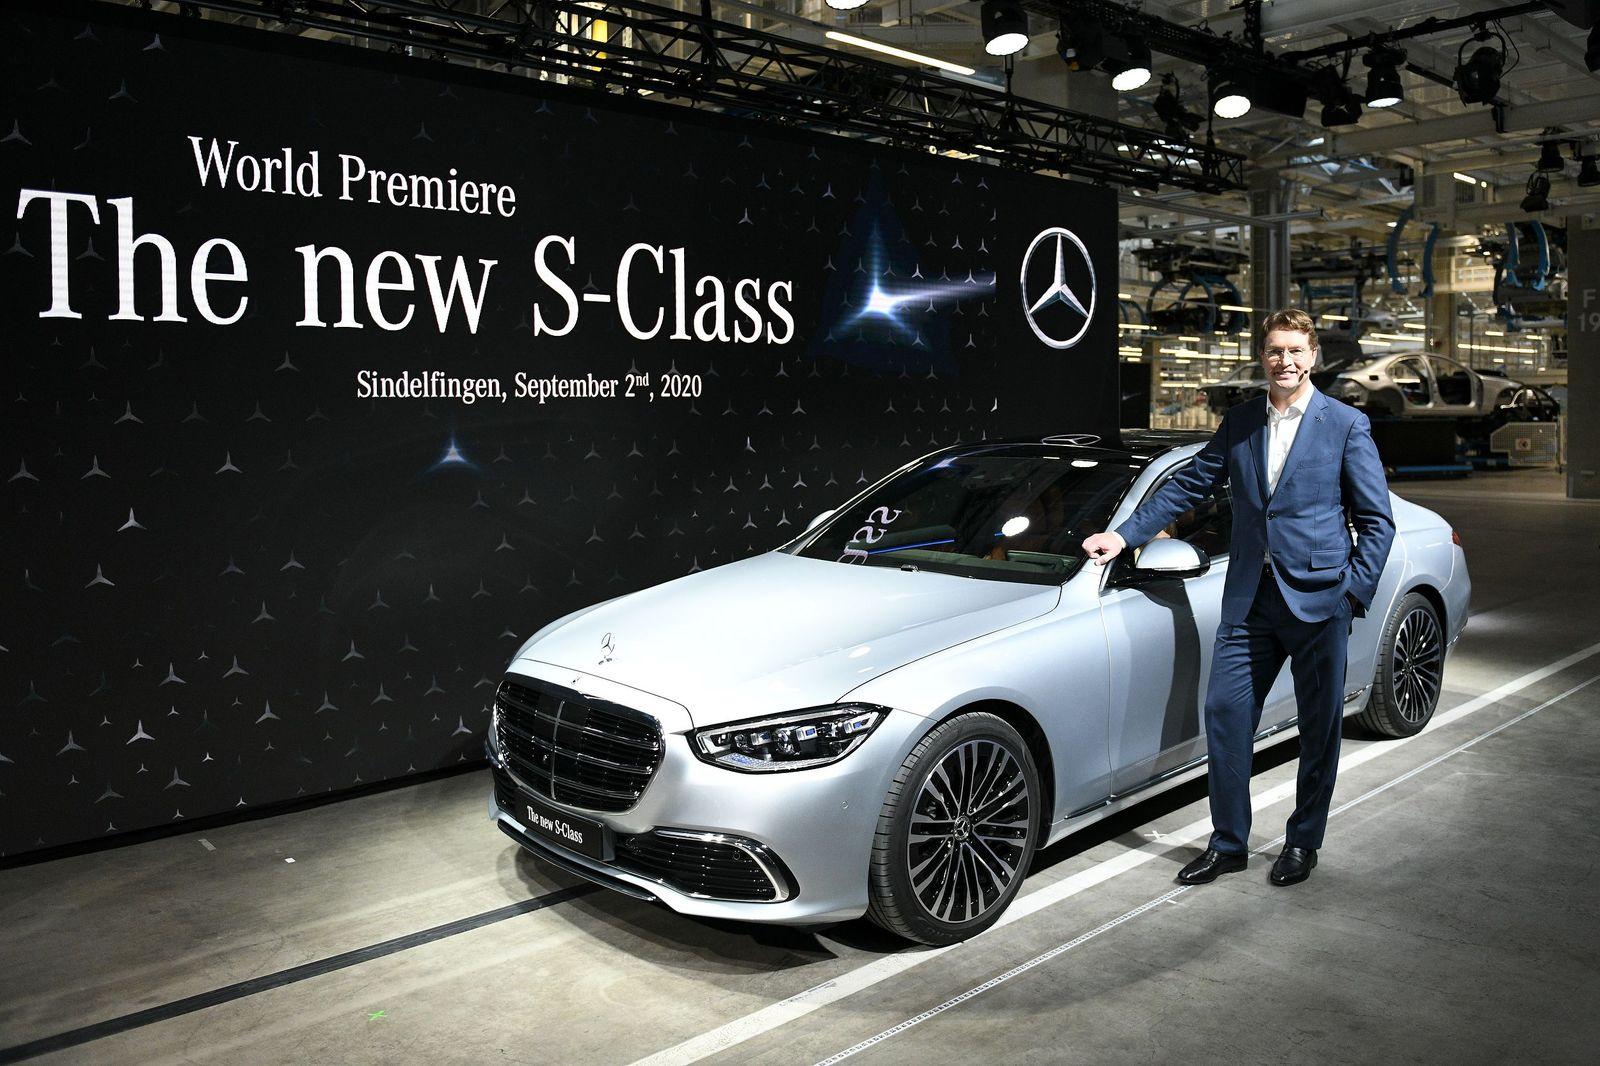 Mercedes Benz opens new factory line, Sindelfingen, Germany - 02 Sep 2020